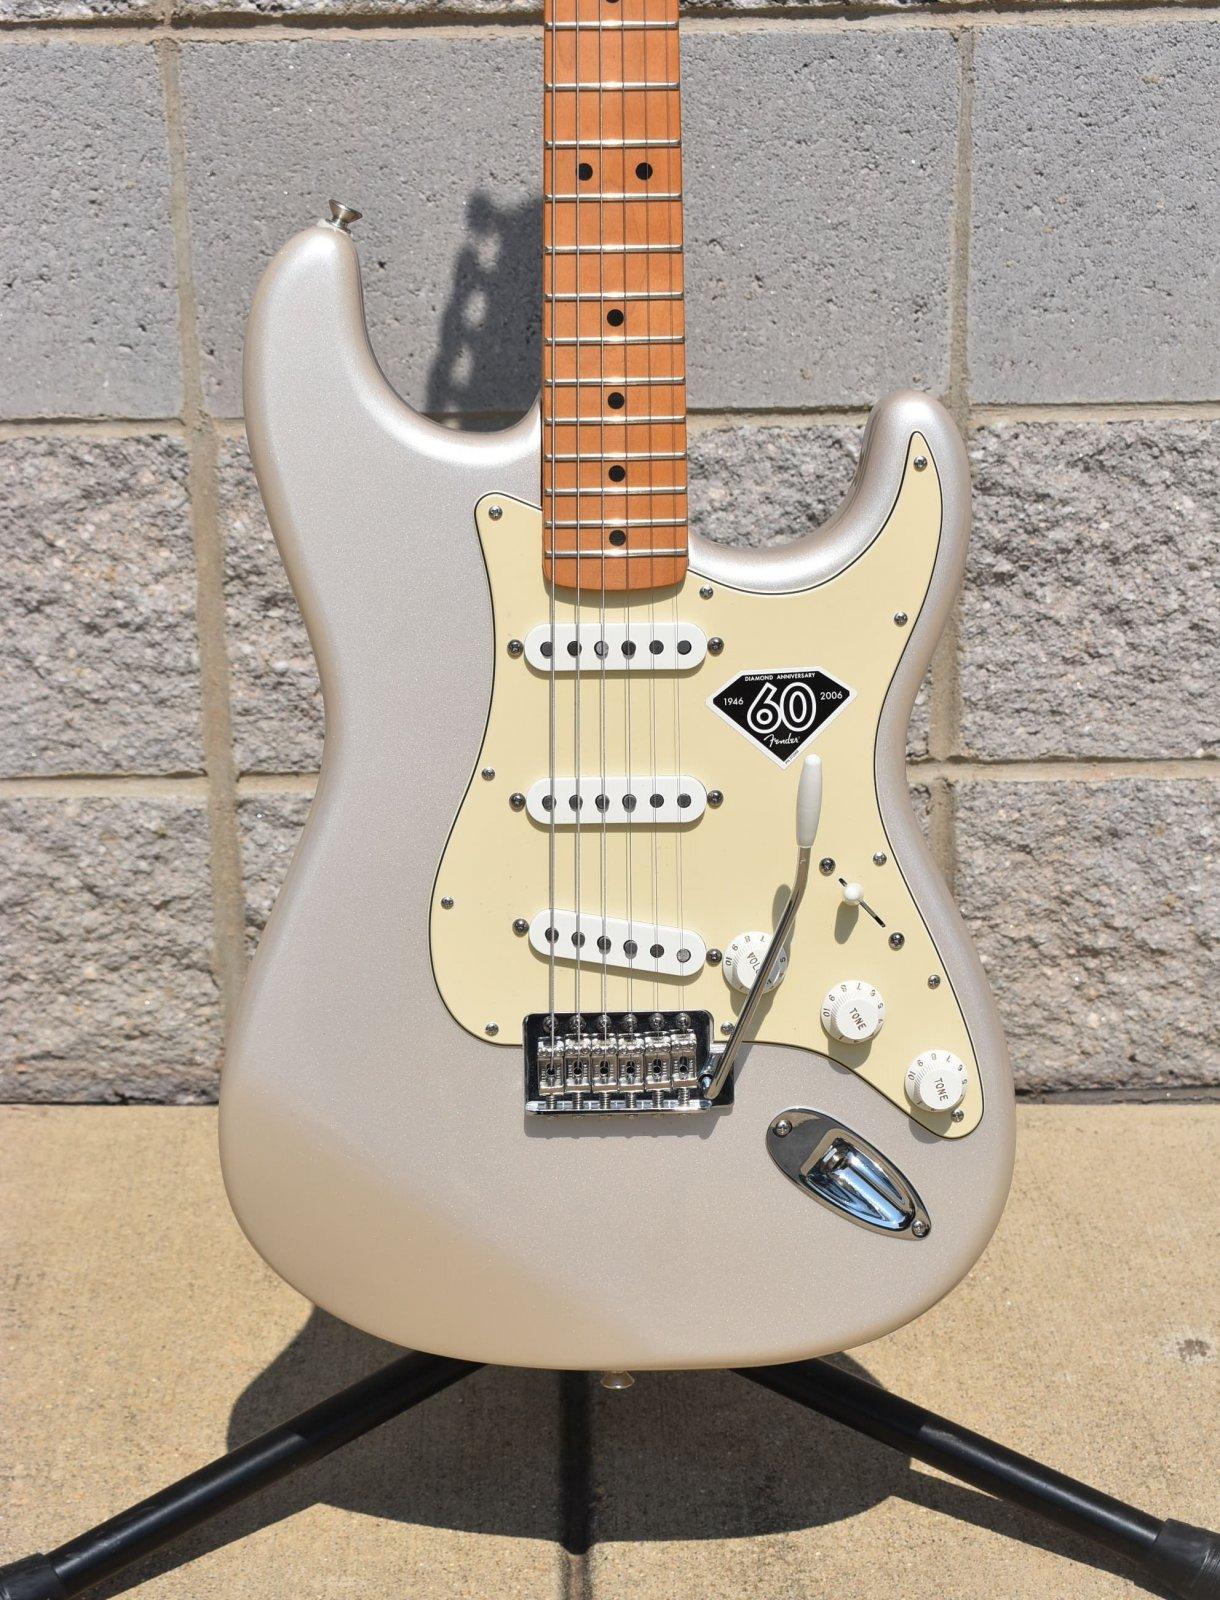 2006 Fender 60th Anniversary Standard Stratocaster - Blizzard Pearl